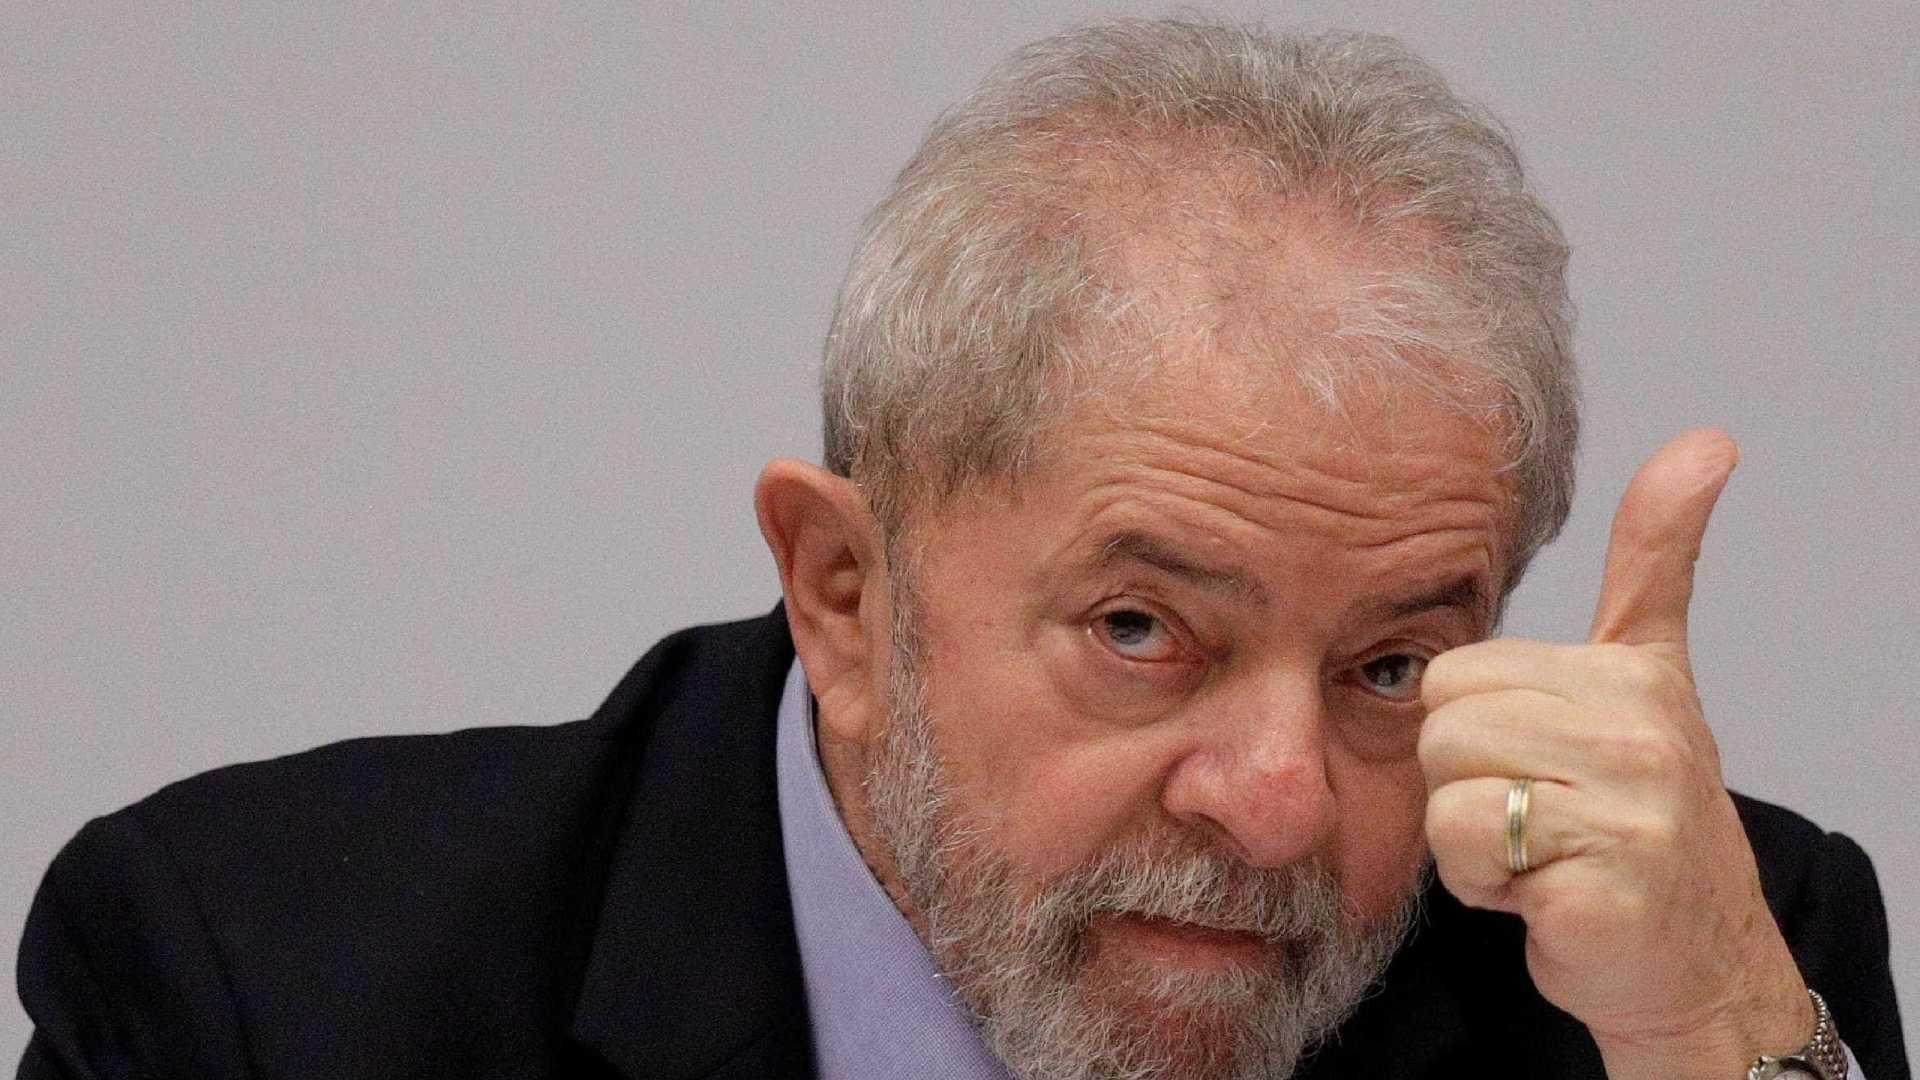 Polícia Federal indicia Lula por propina disfarçada de doações para Instituto